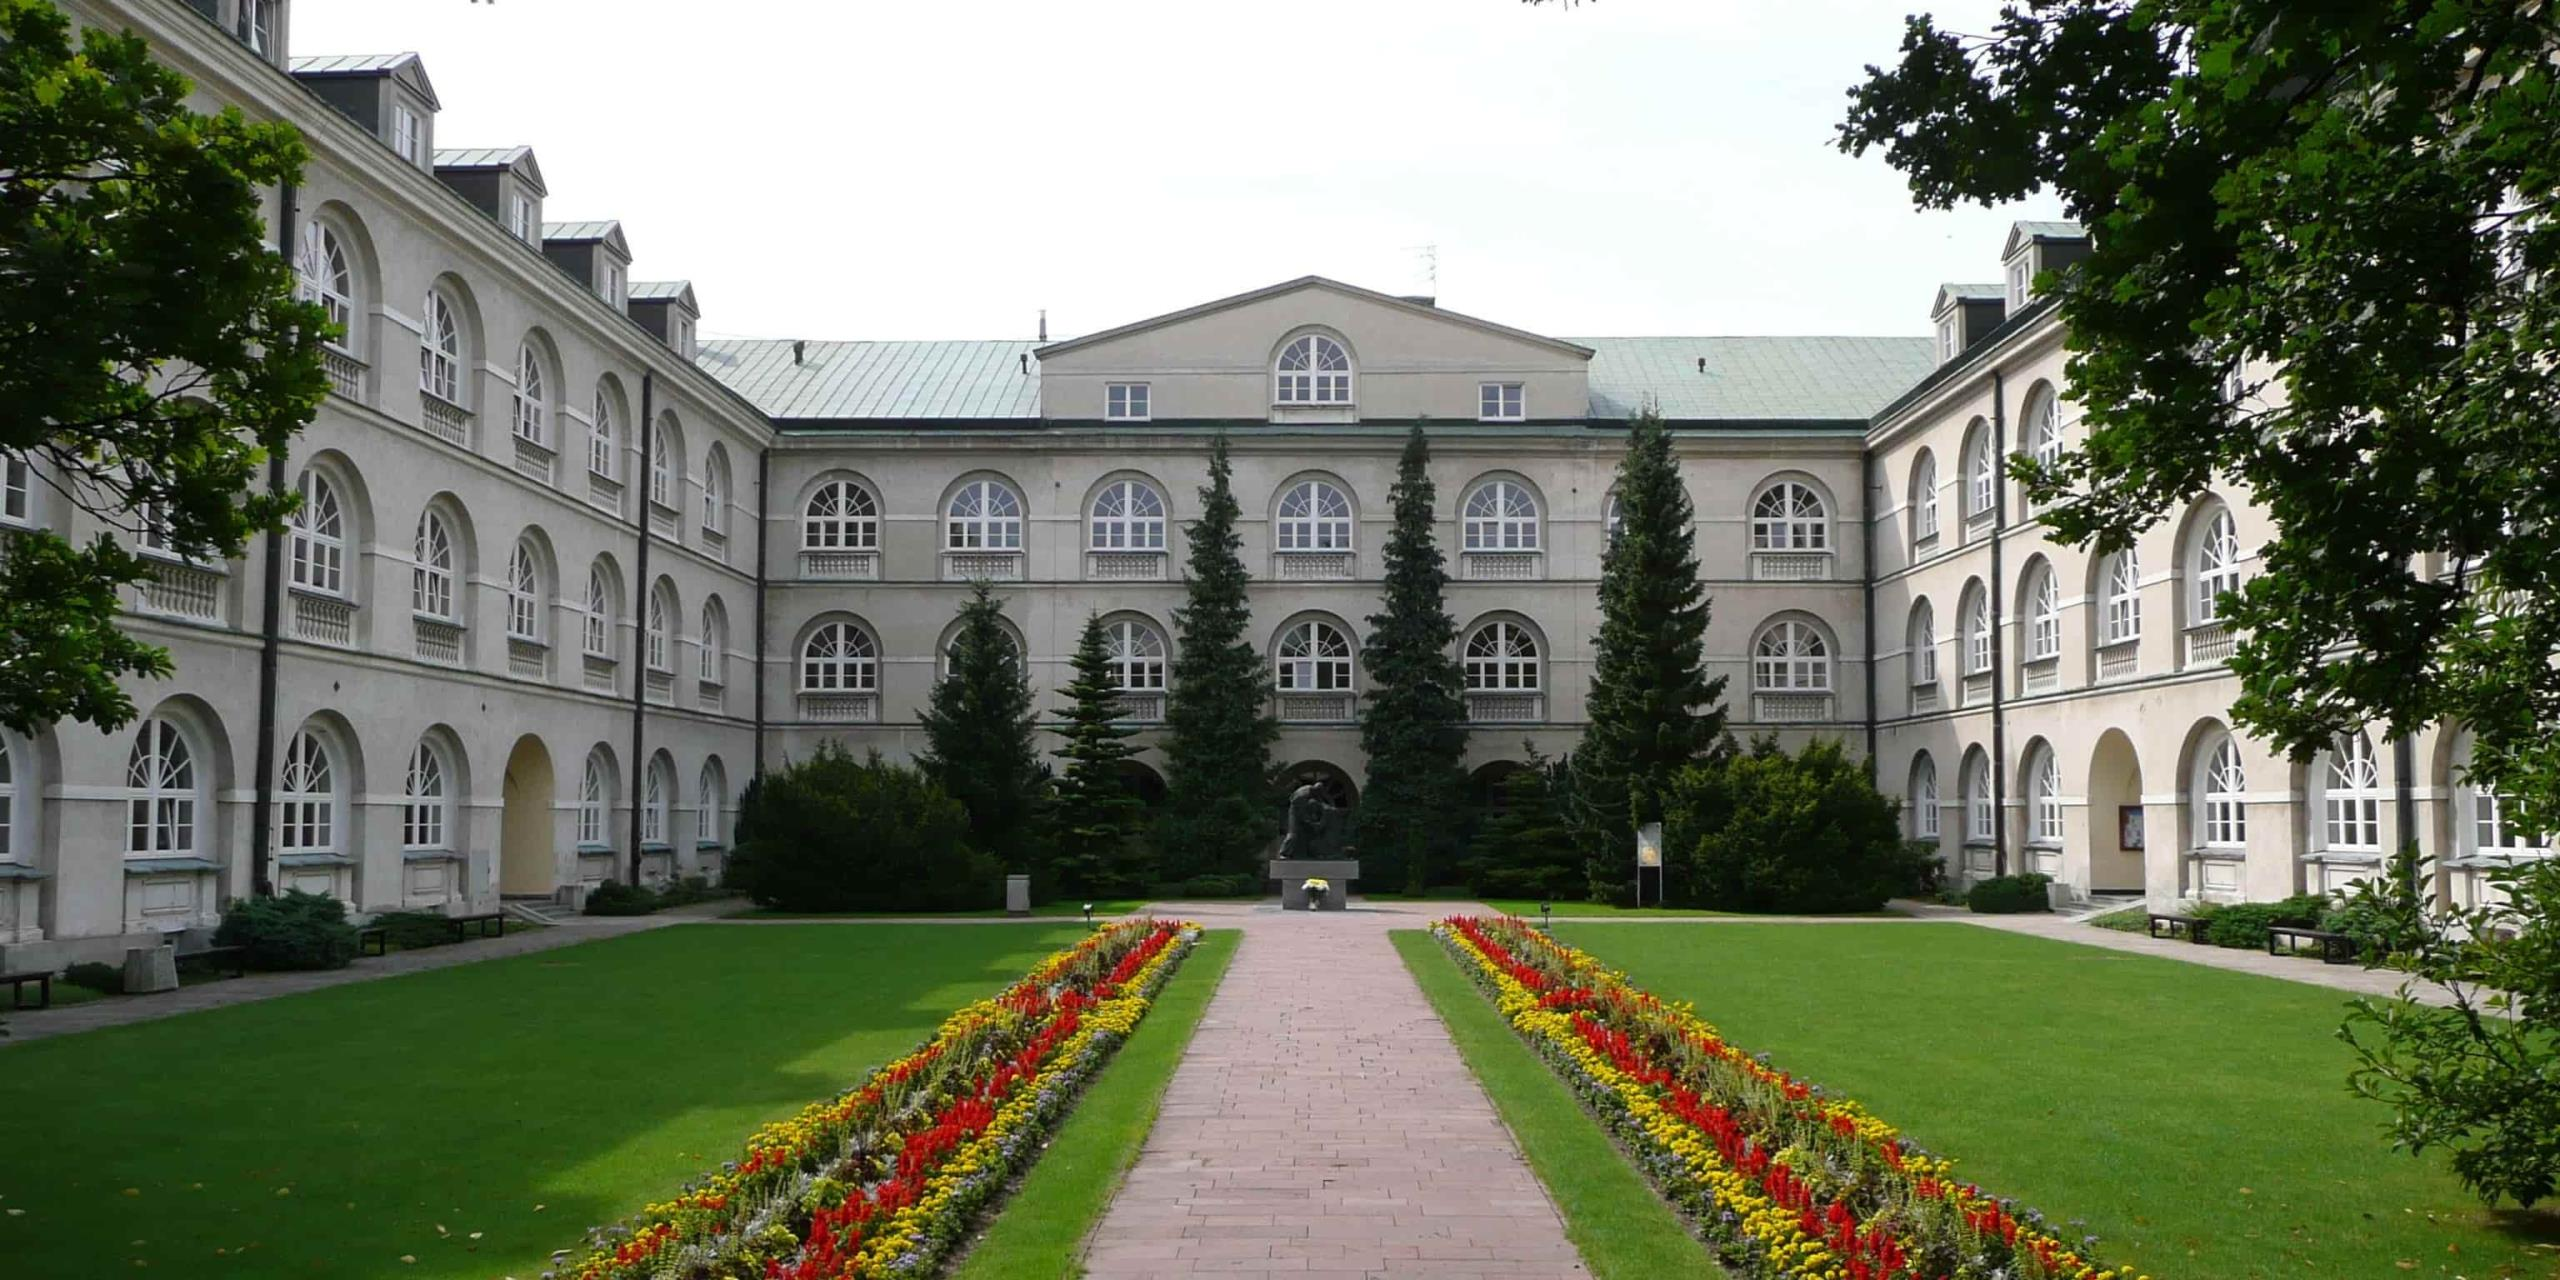 Картинки университетов, надписью рукоделие